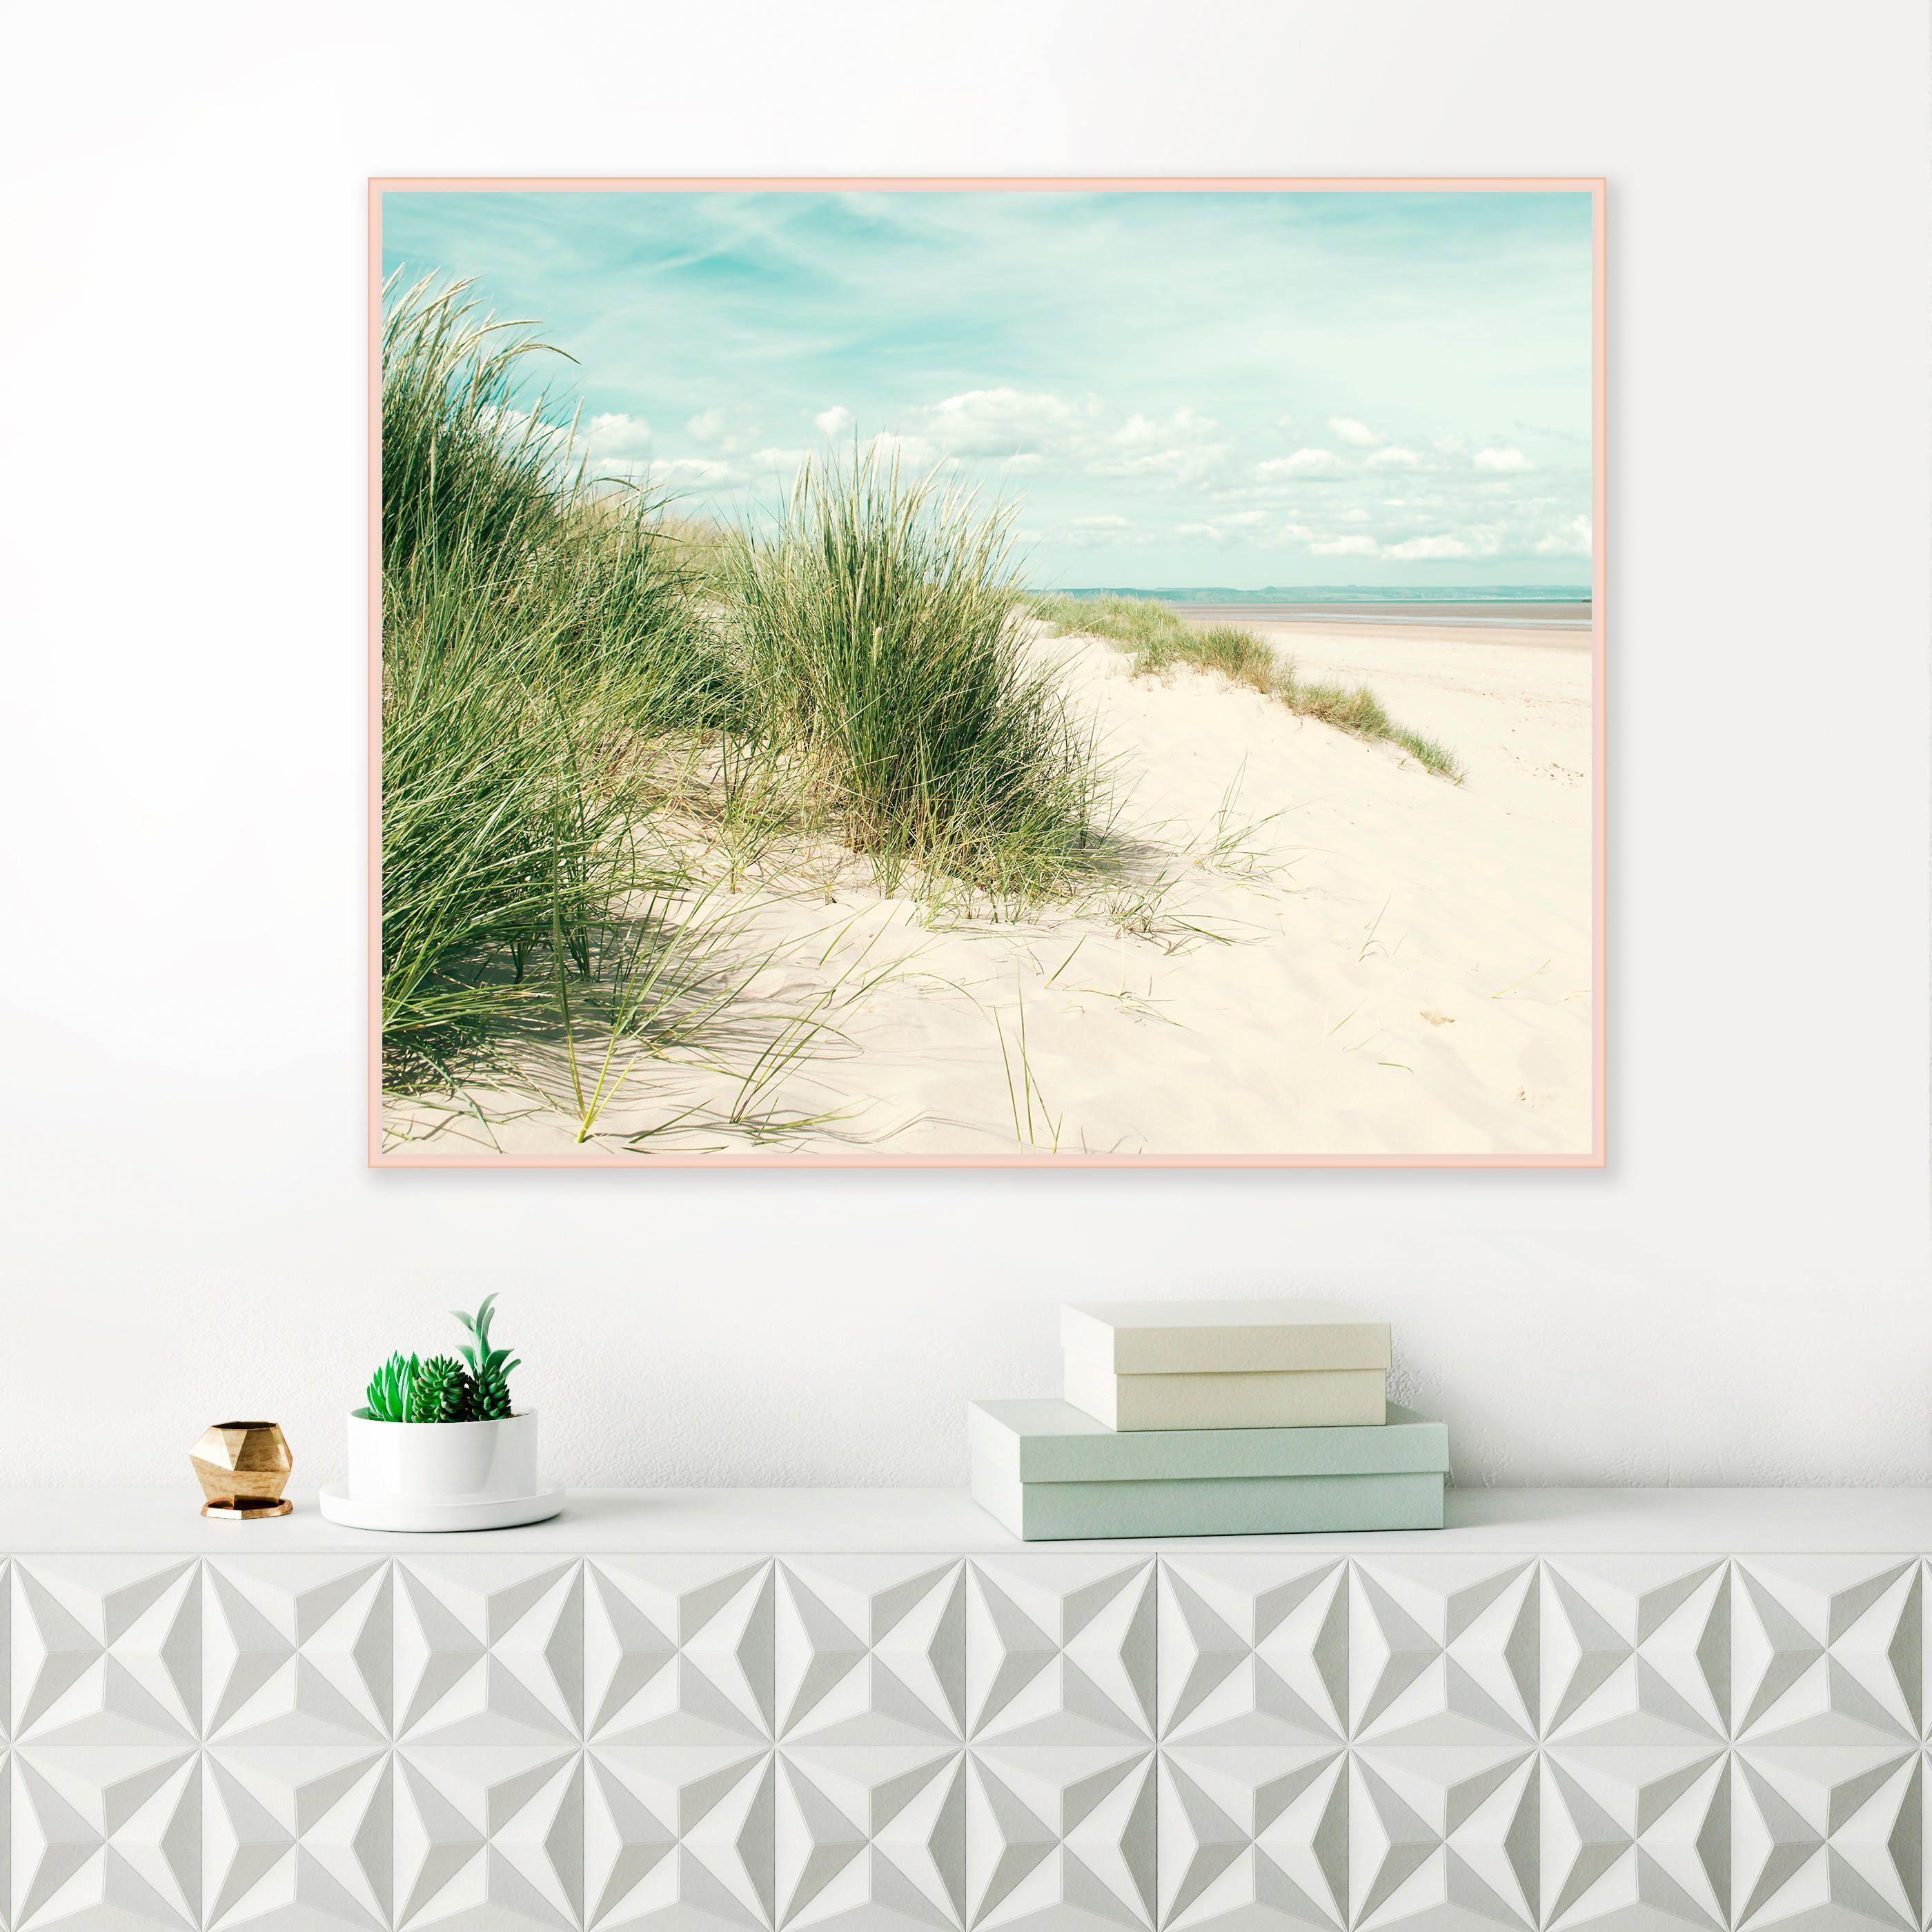 Wild grass beach print pale blue and green beach photograph